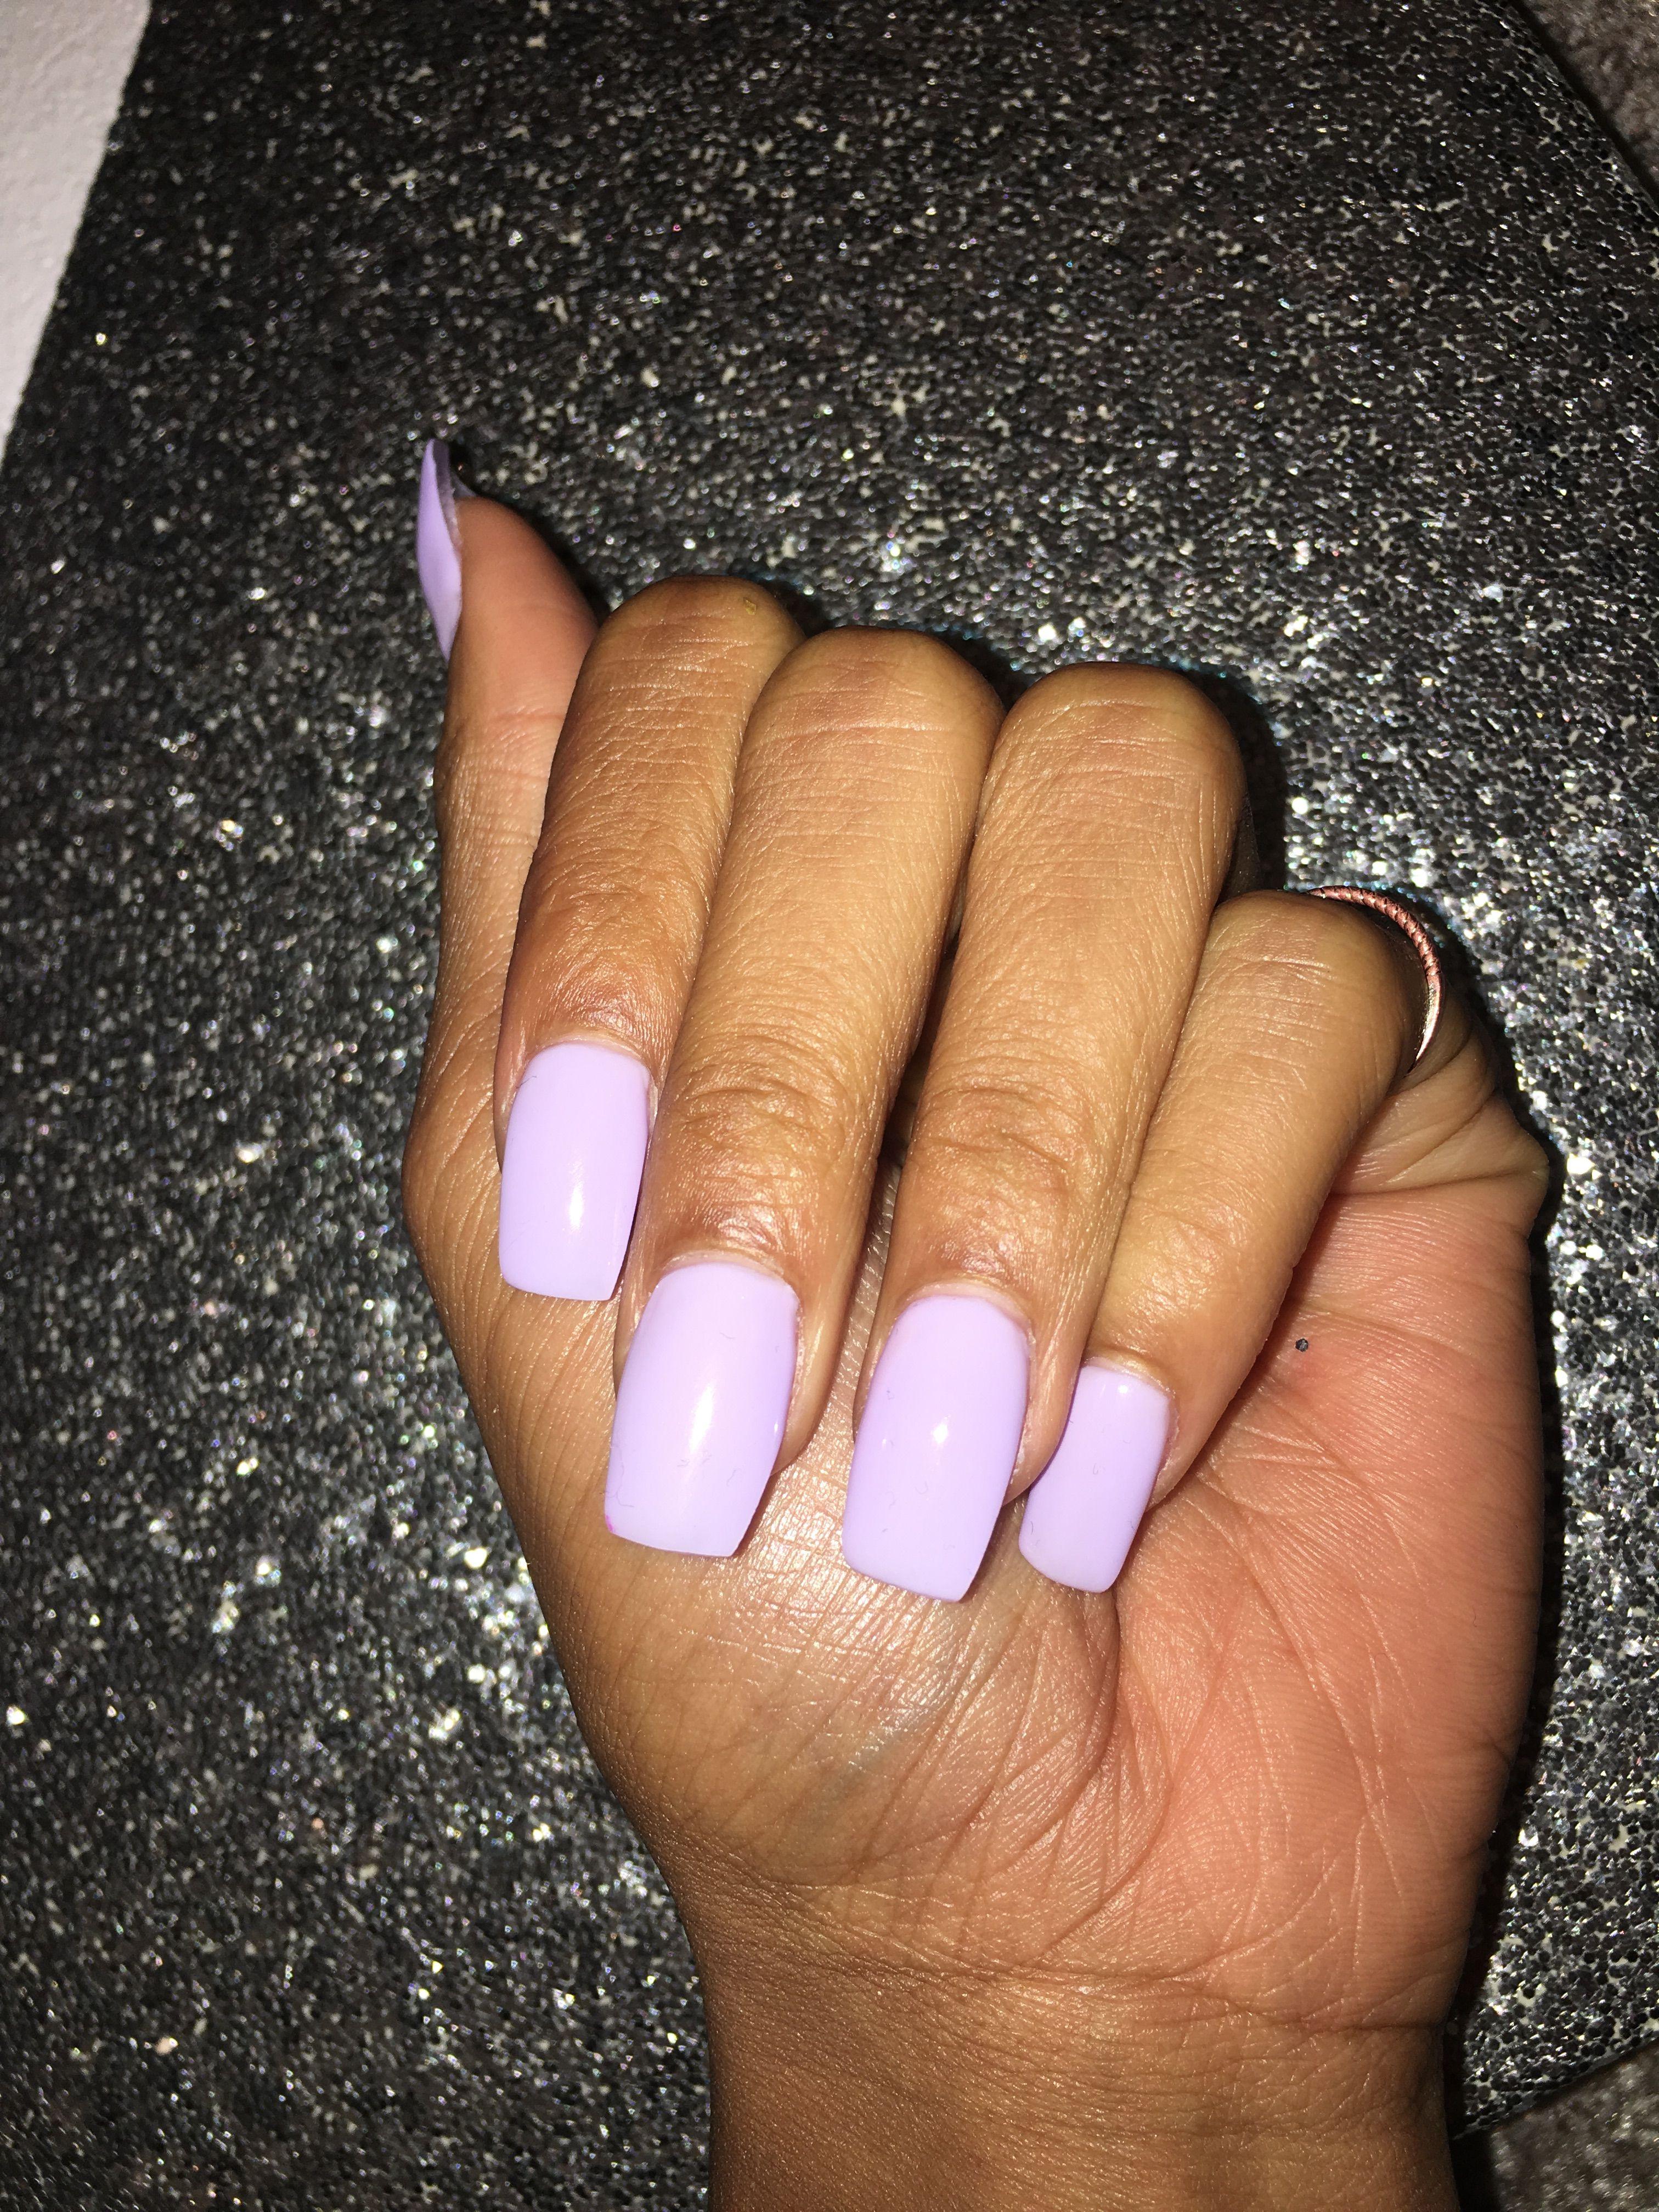 Acrylic nails with gel polish   Nails, Nail art, Acrylic nails